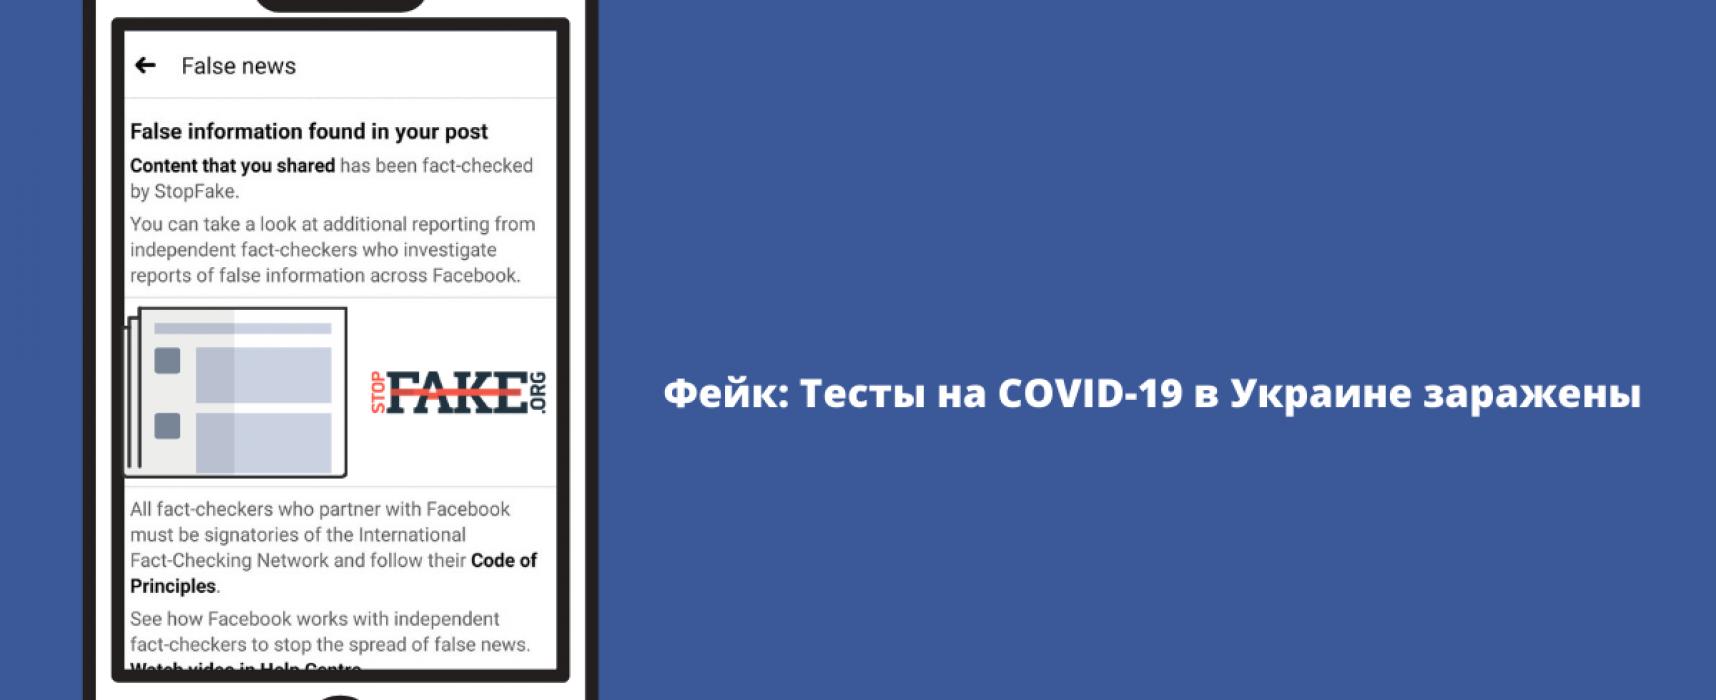 Фейк: Тесты на COVID-19 в Украине заражены